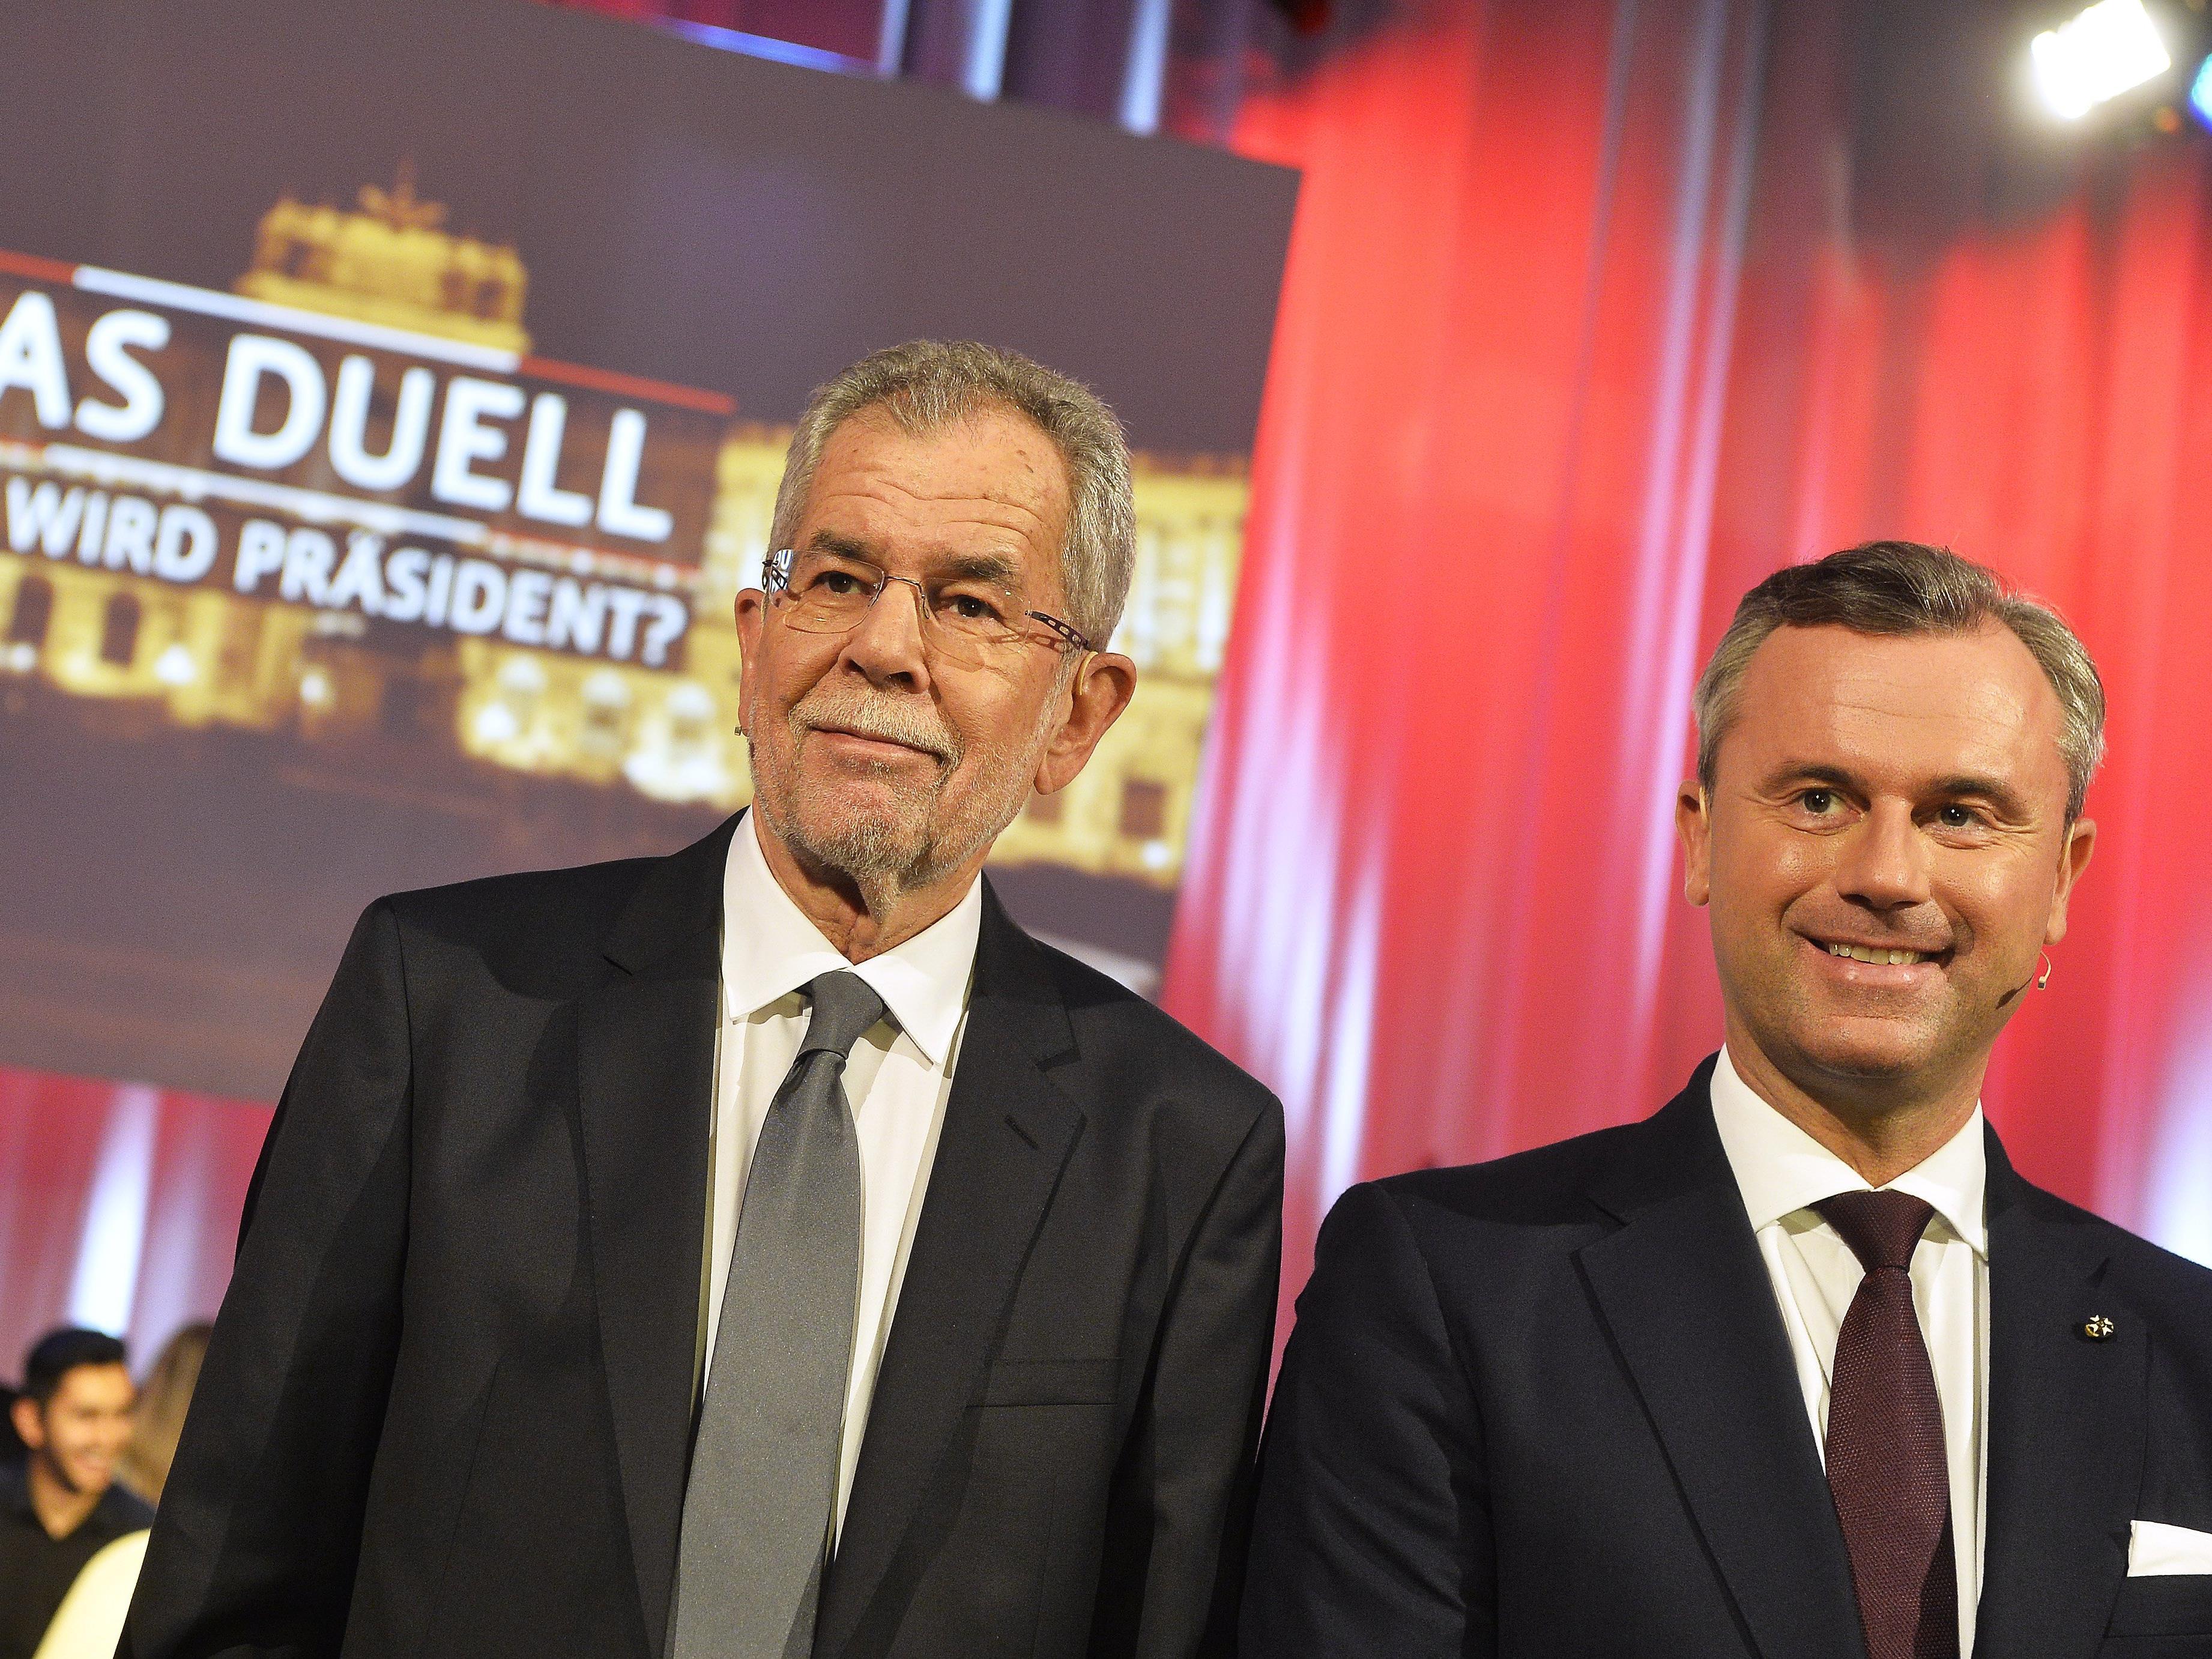 Ab 12 Uhr: LIVE-Ticker zur Bundespräsidentenwahl 2016.